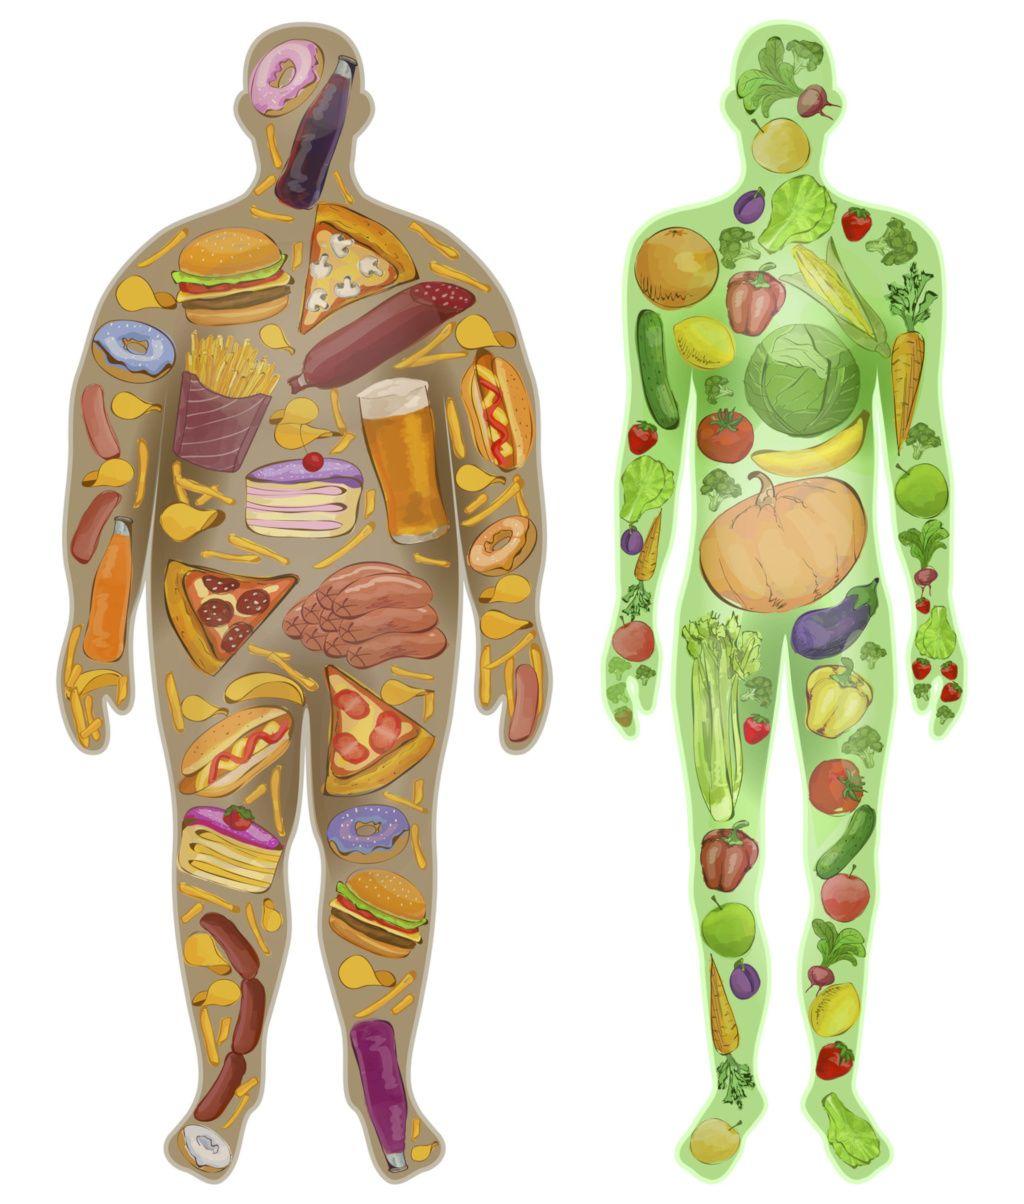 Das Bild deutet den Effekt der richtigen Ernährung auf den menschlichen Umfang und die Faszien des Menschen an